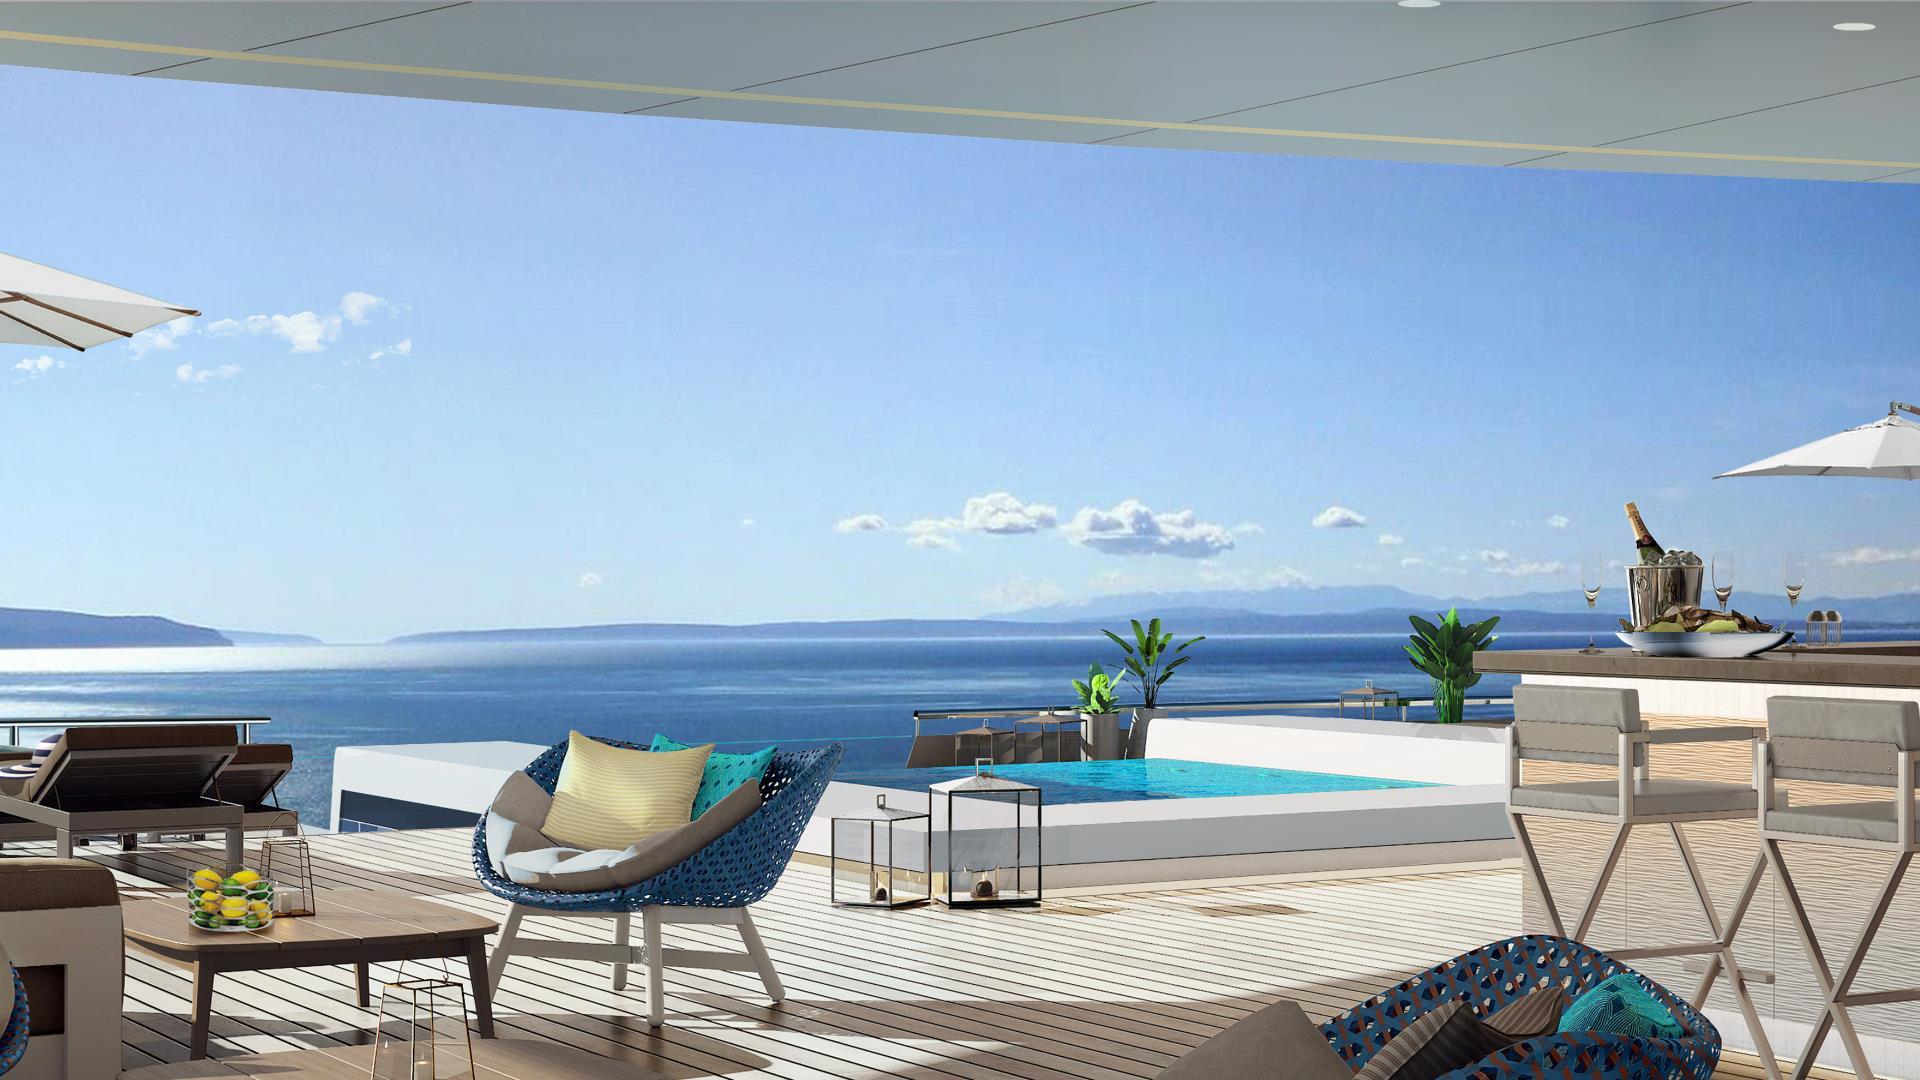 Ritz carlton lleva el lujo de sus hoteles al mar con yacht - Hoteles ritz en el mundo ...